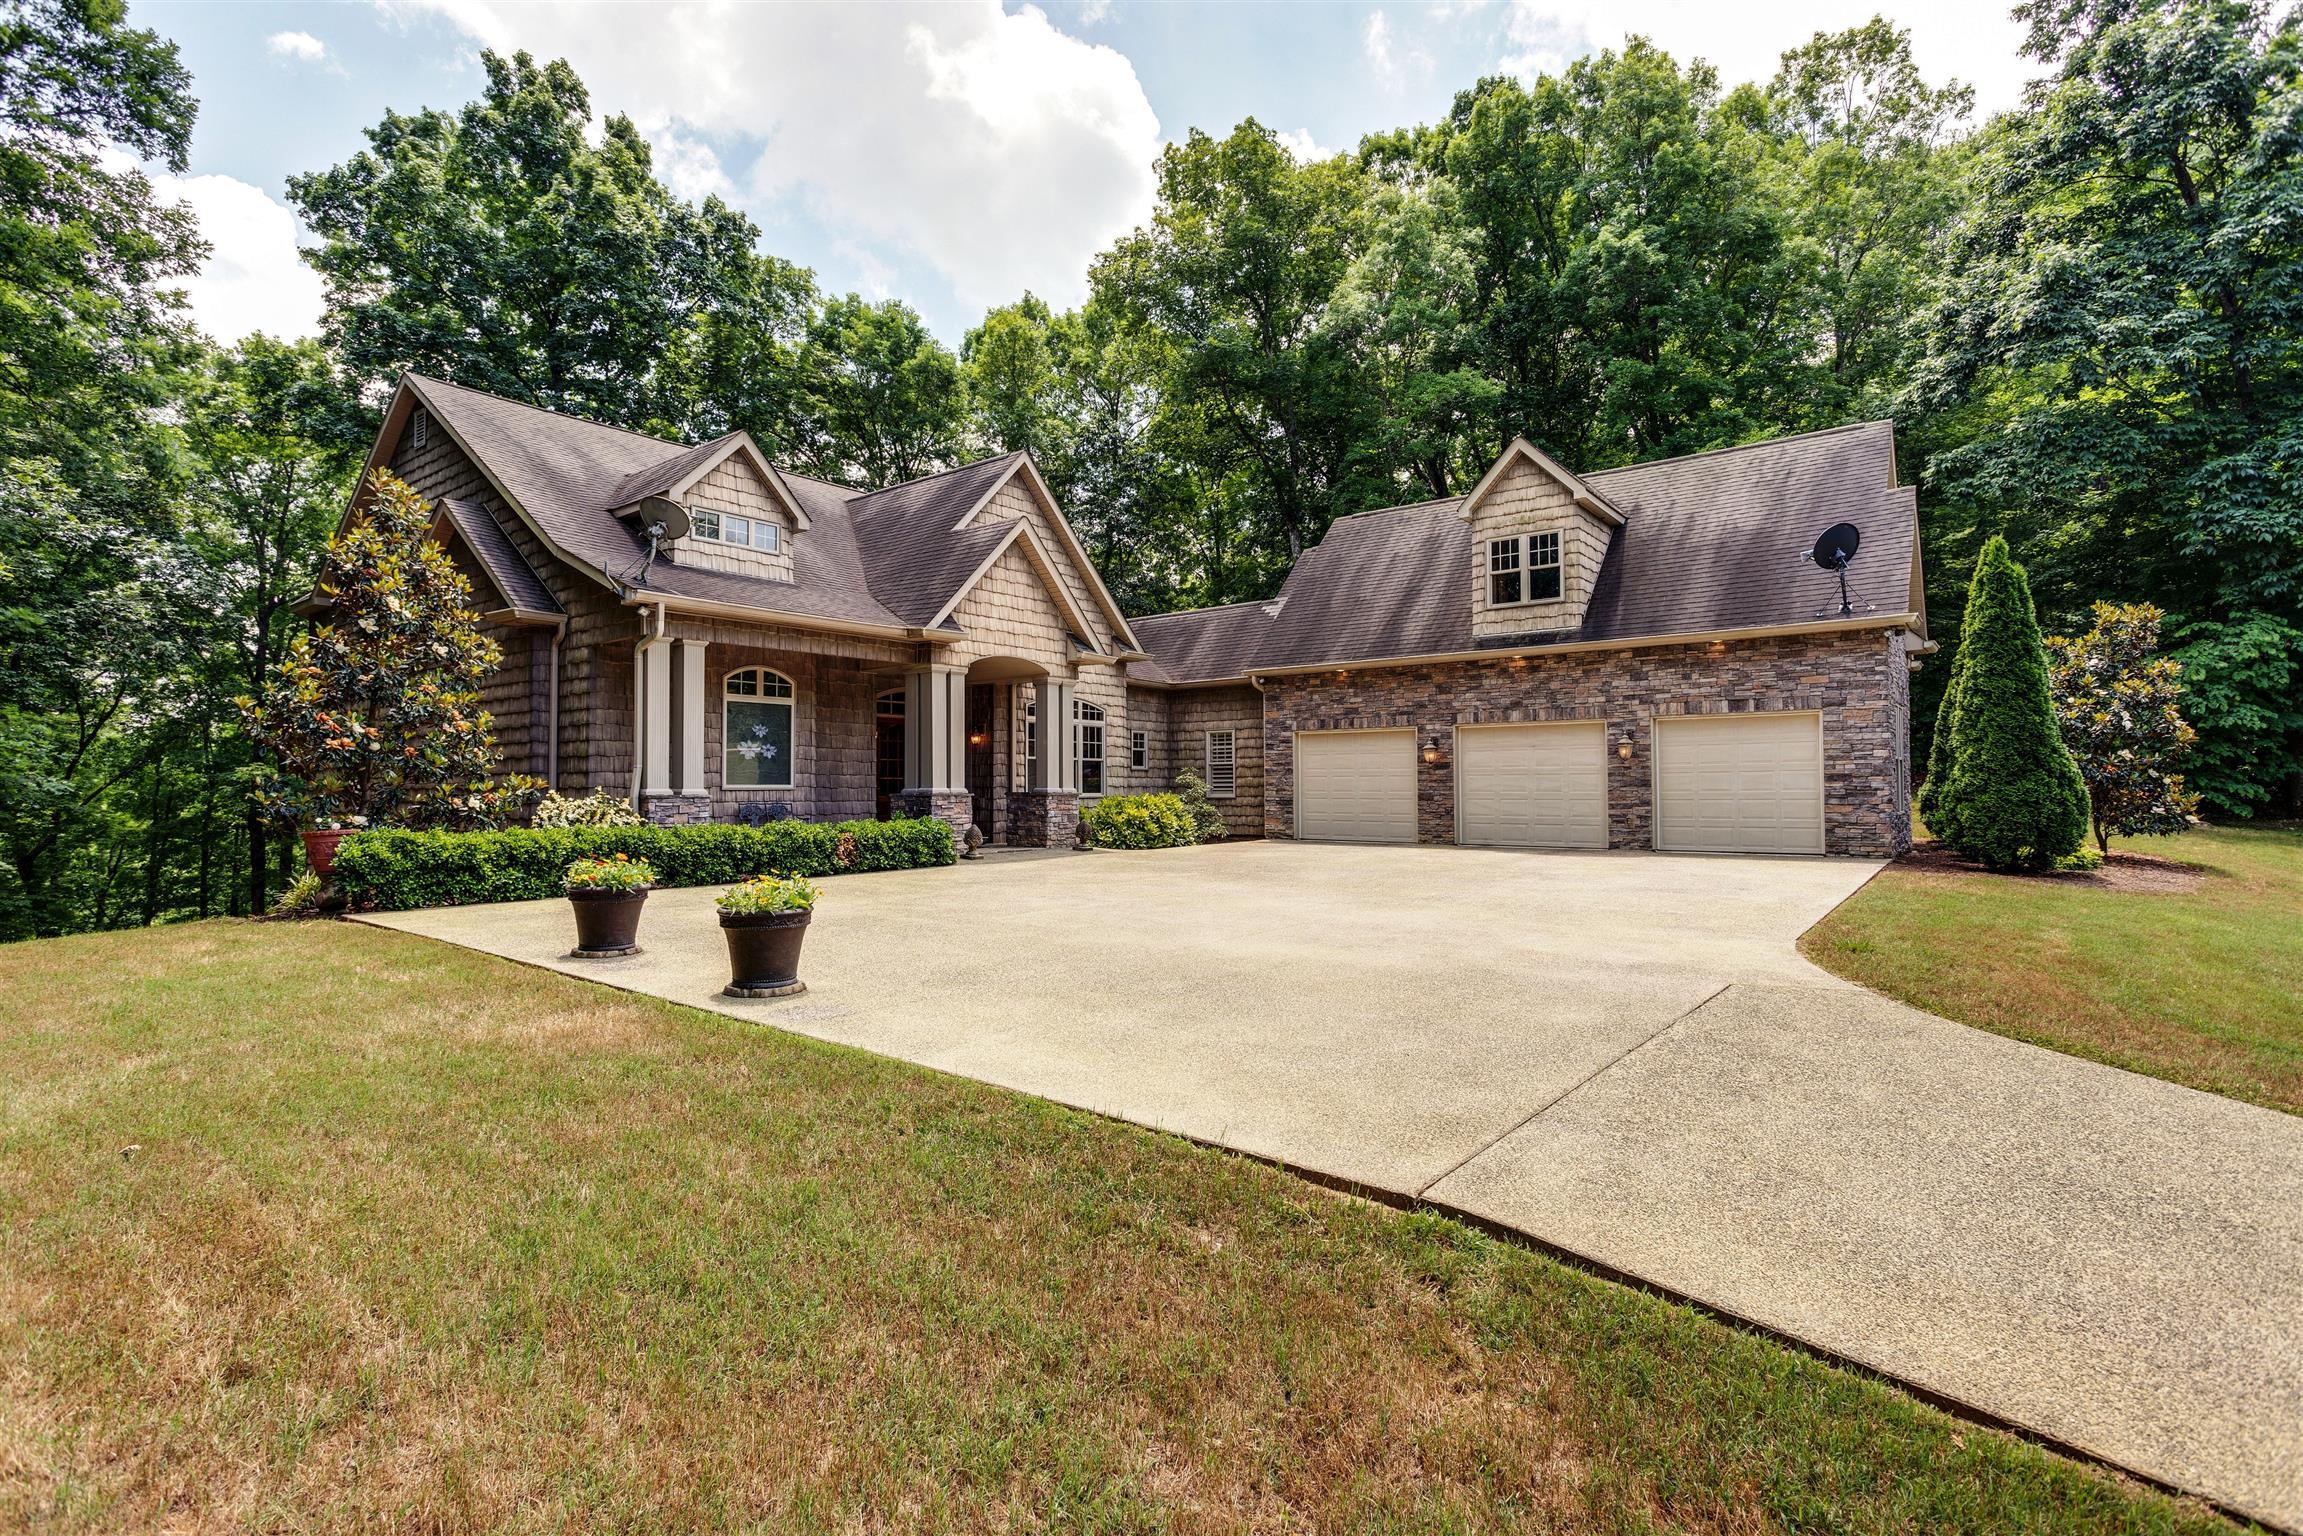 90 Grandview Lake Rd, Estill Springs, TN 37330 - Estill Springs, TN real estate listing